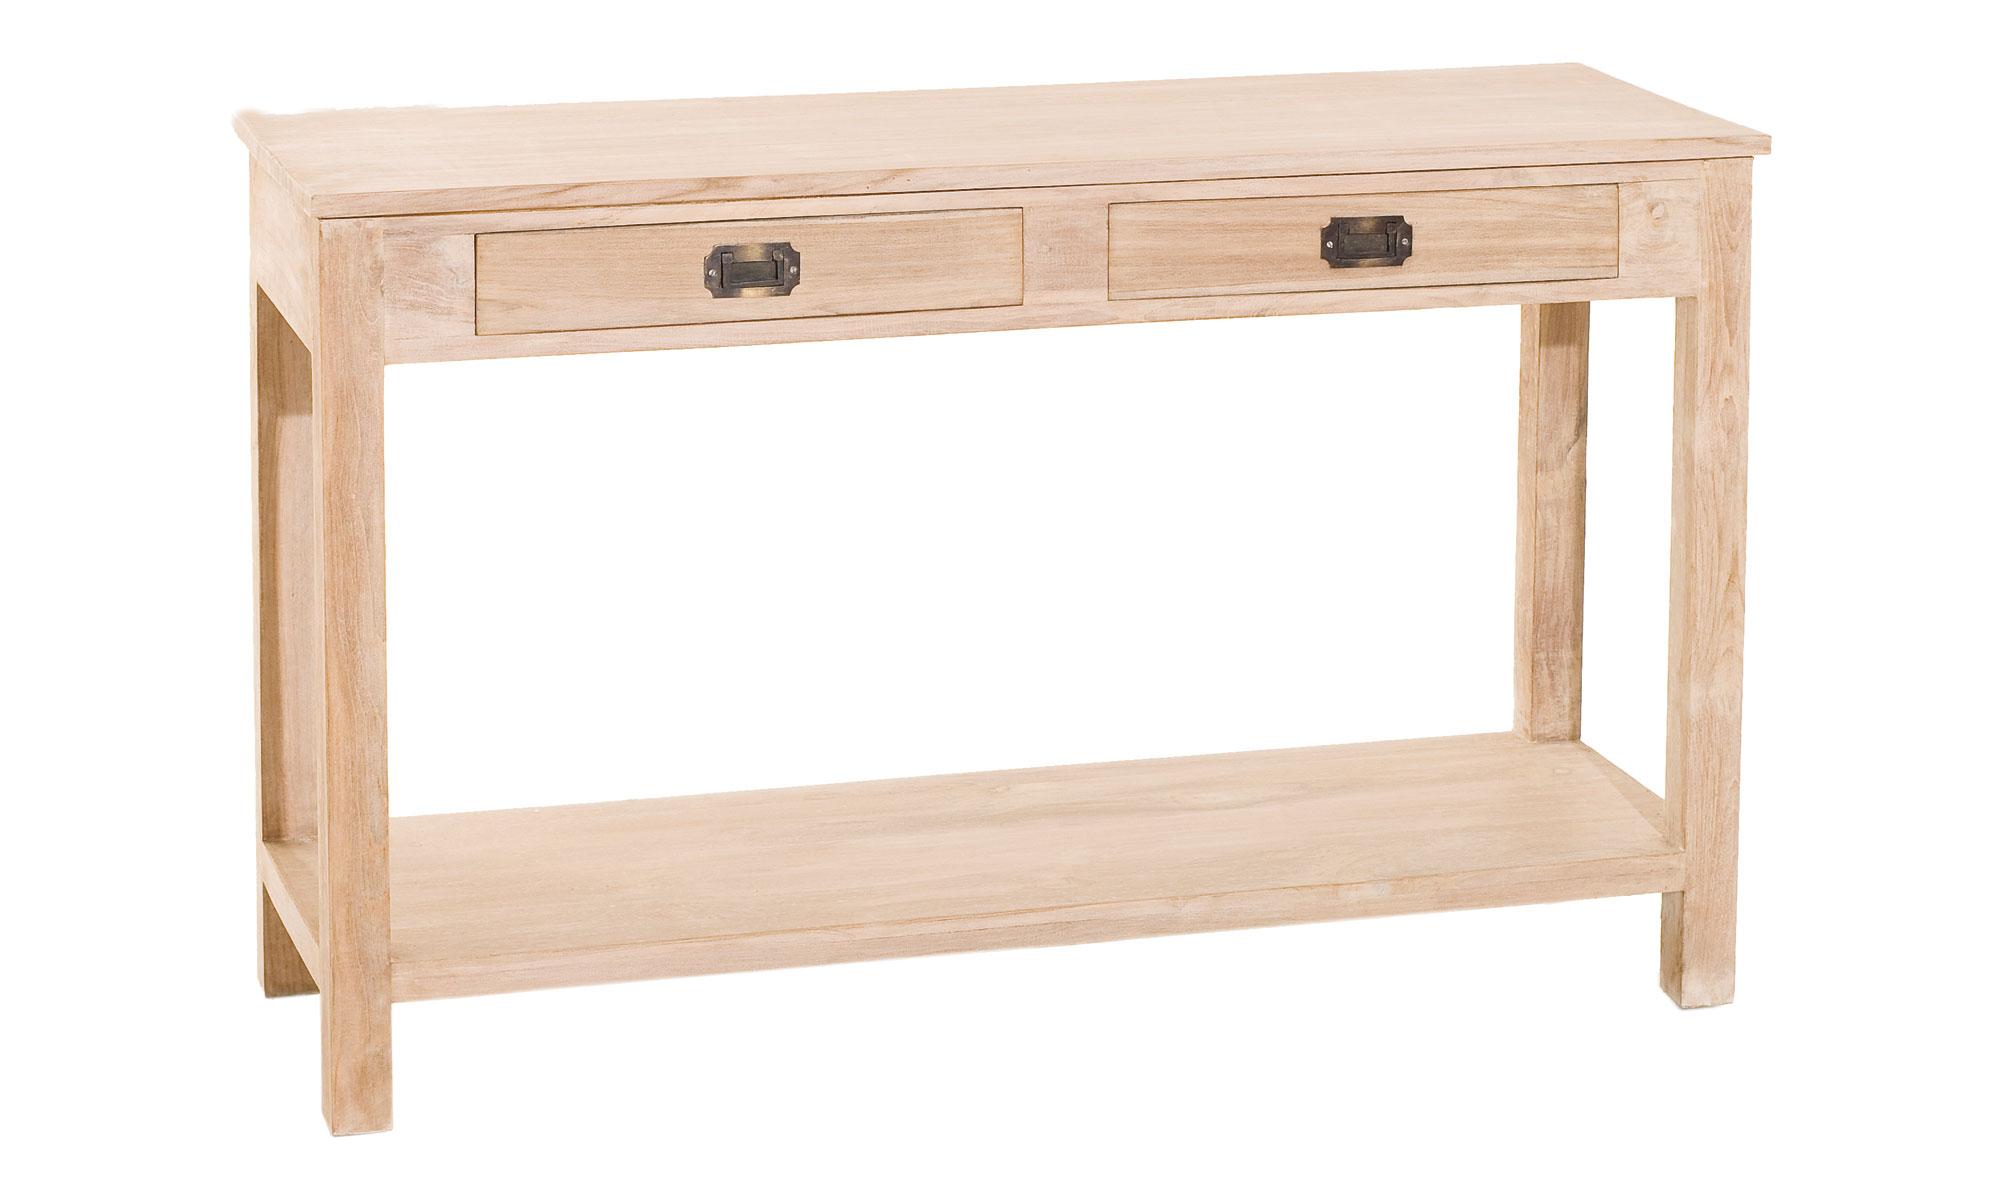 Consola 1 estante colonial madera lavada disponibles en nuestra web